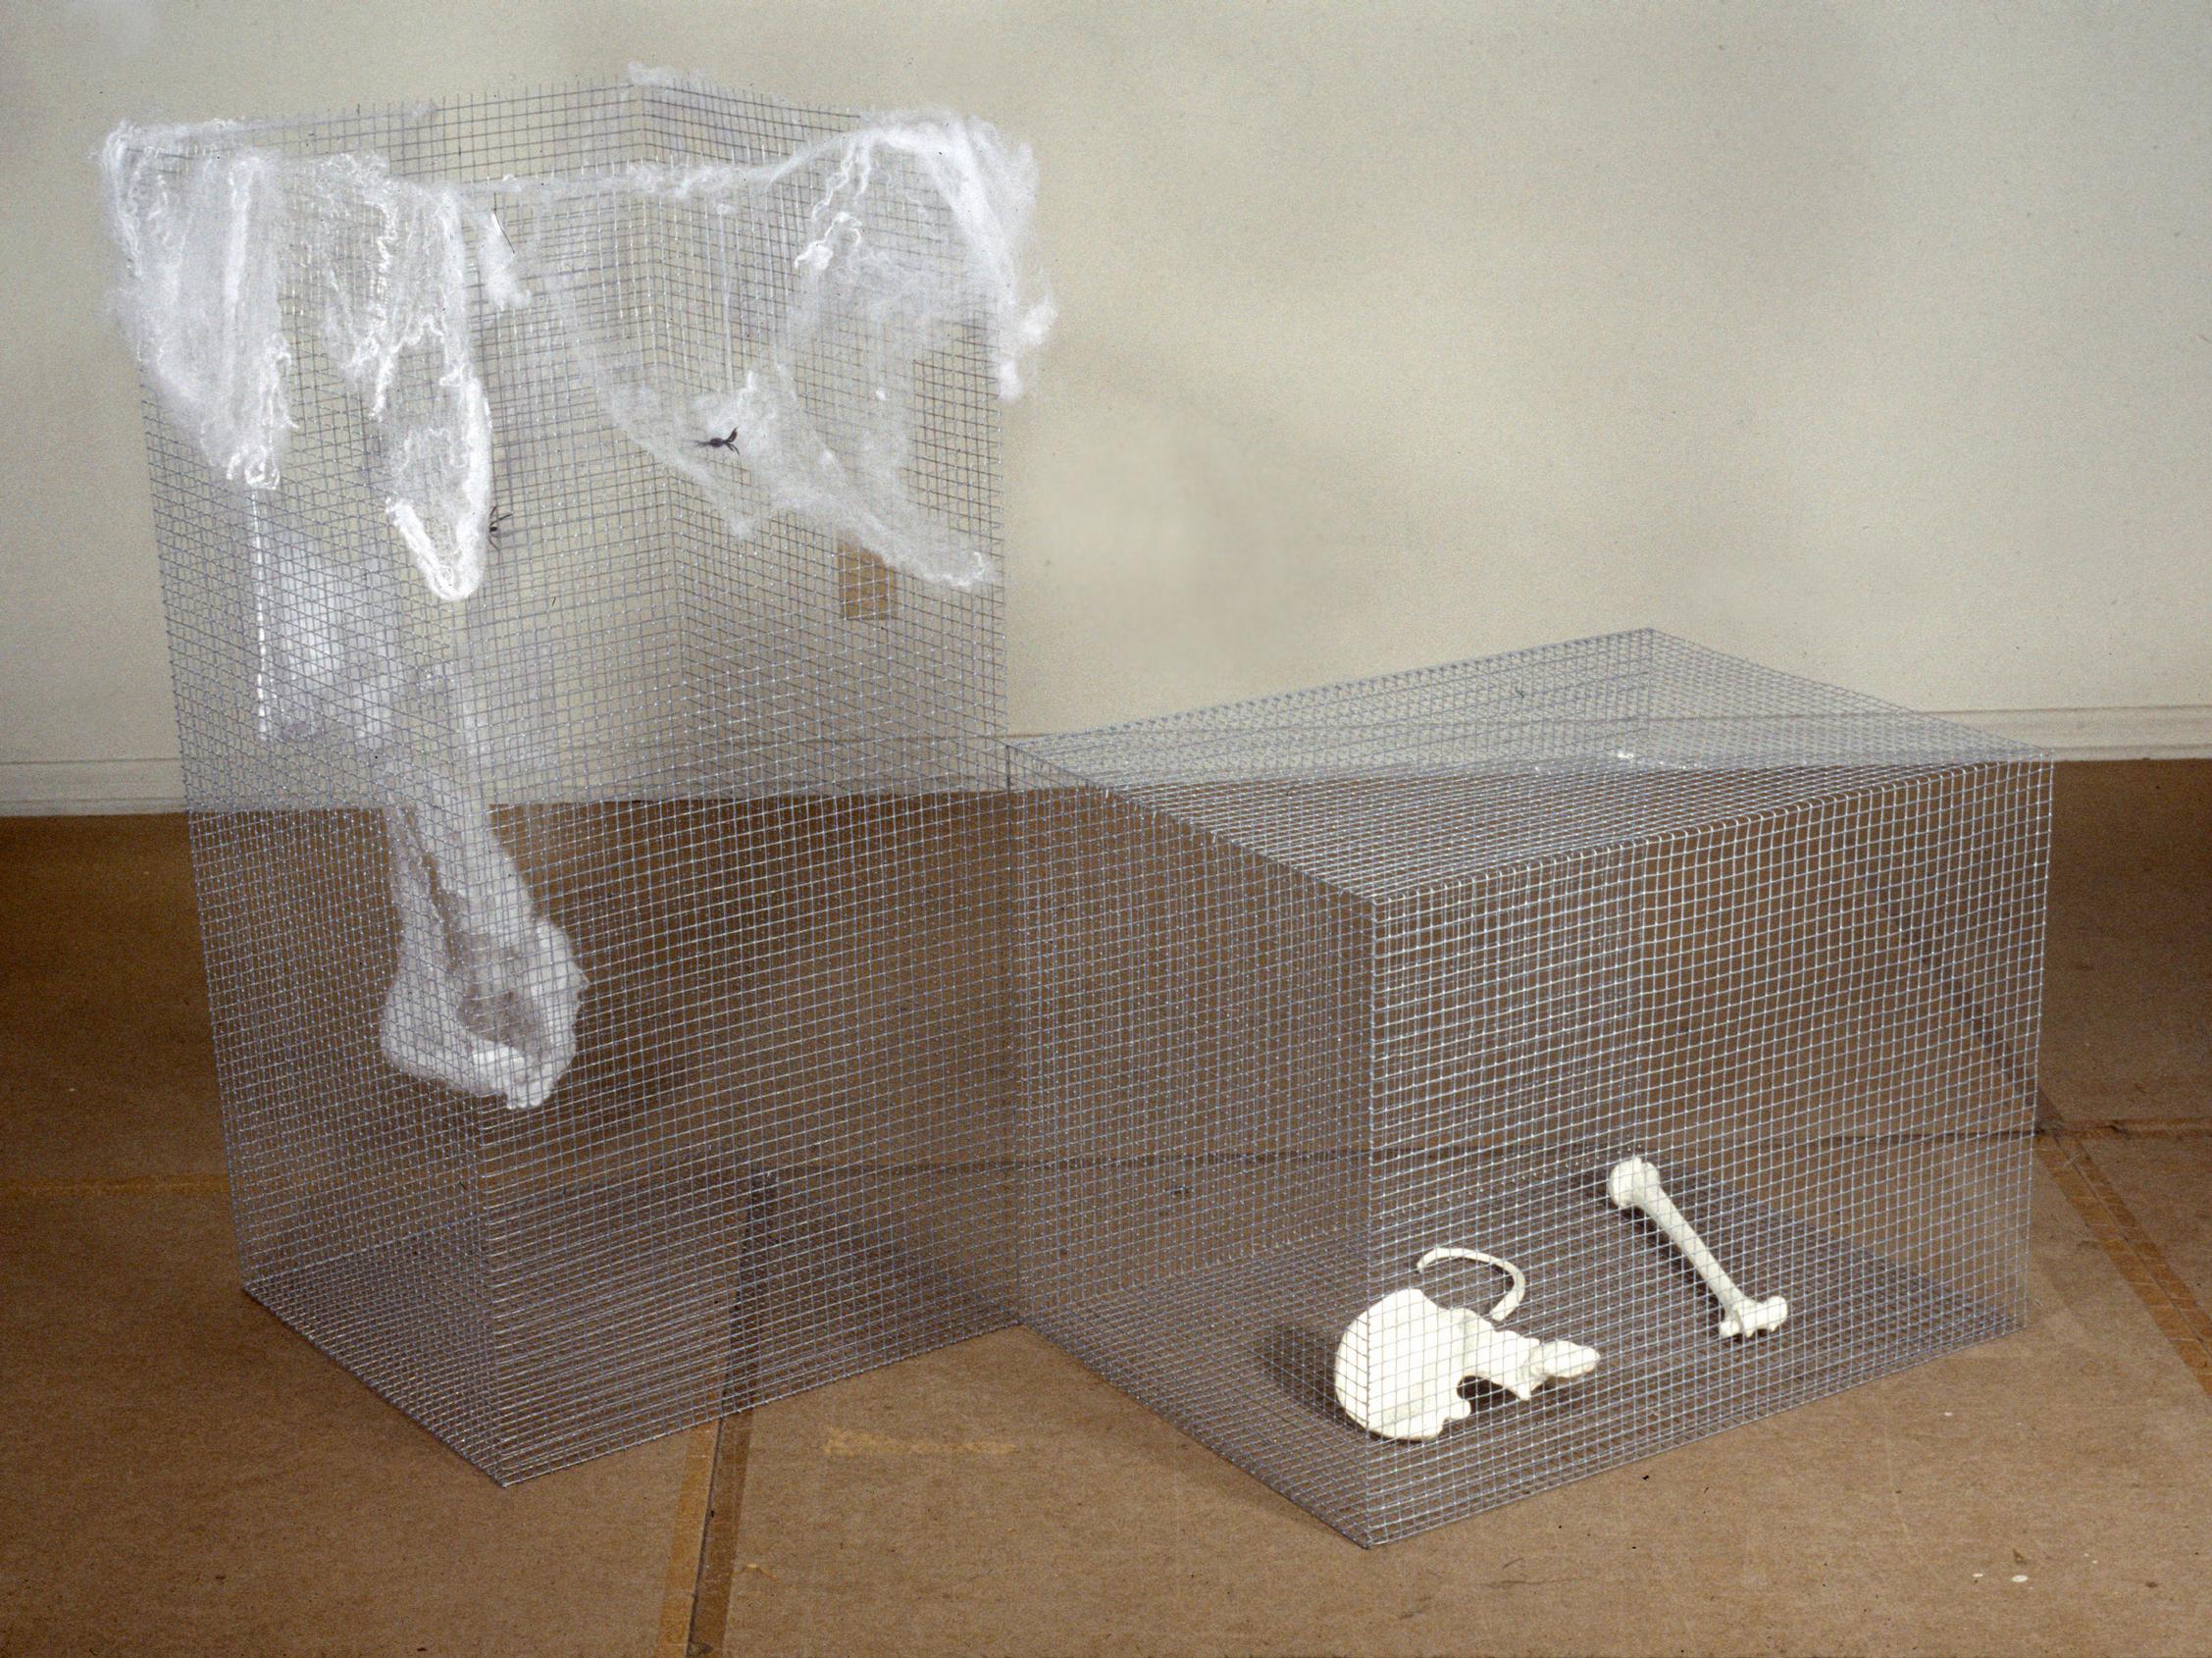 michael-coughlan-ghost-sculpture-1.jpg